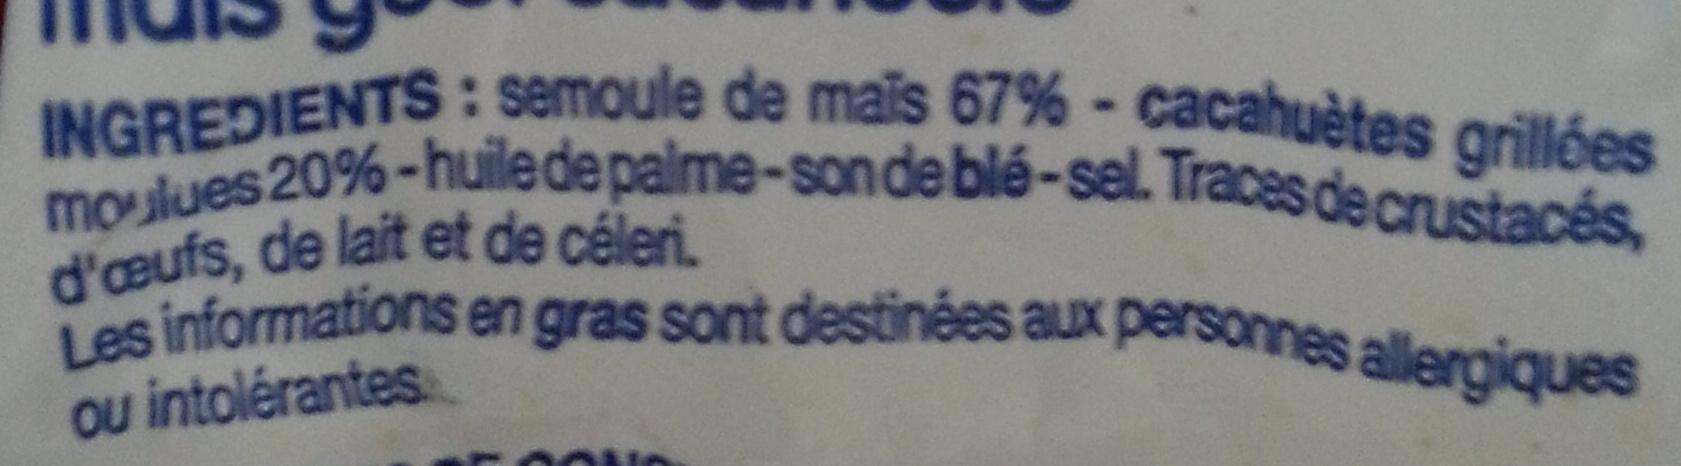 Soufflés goût cacahuète - Ingrédients - fr